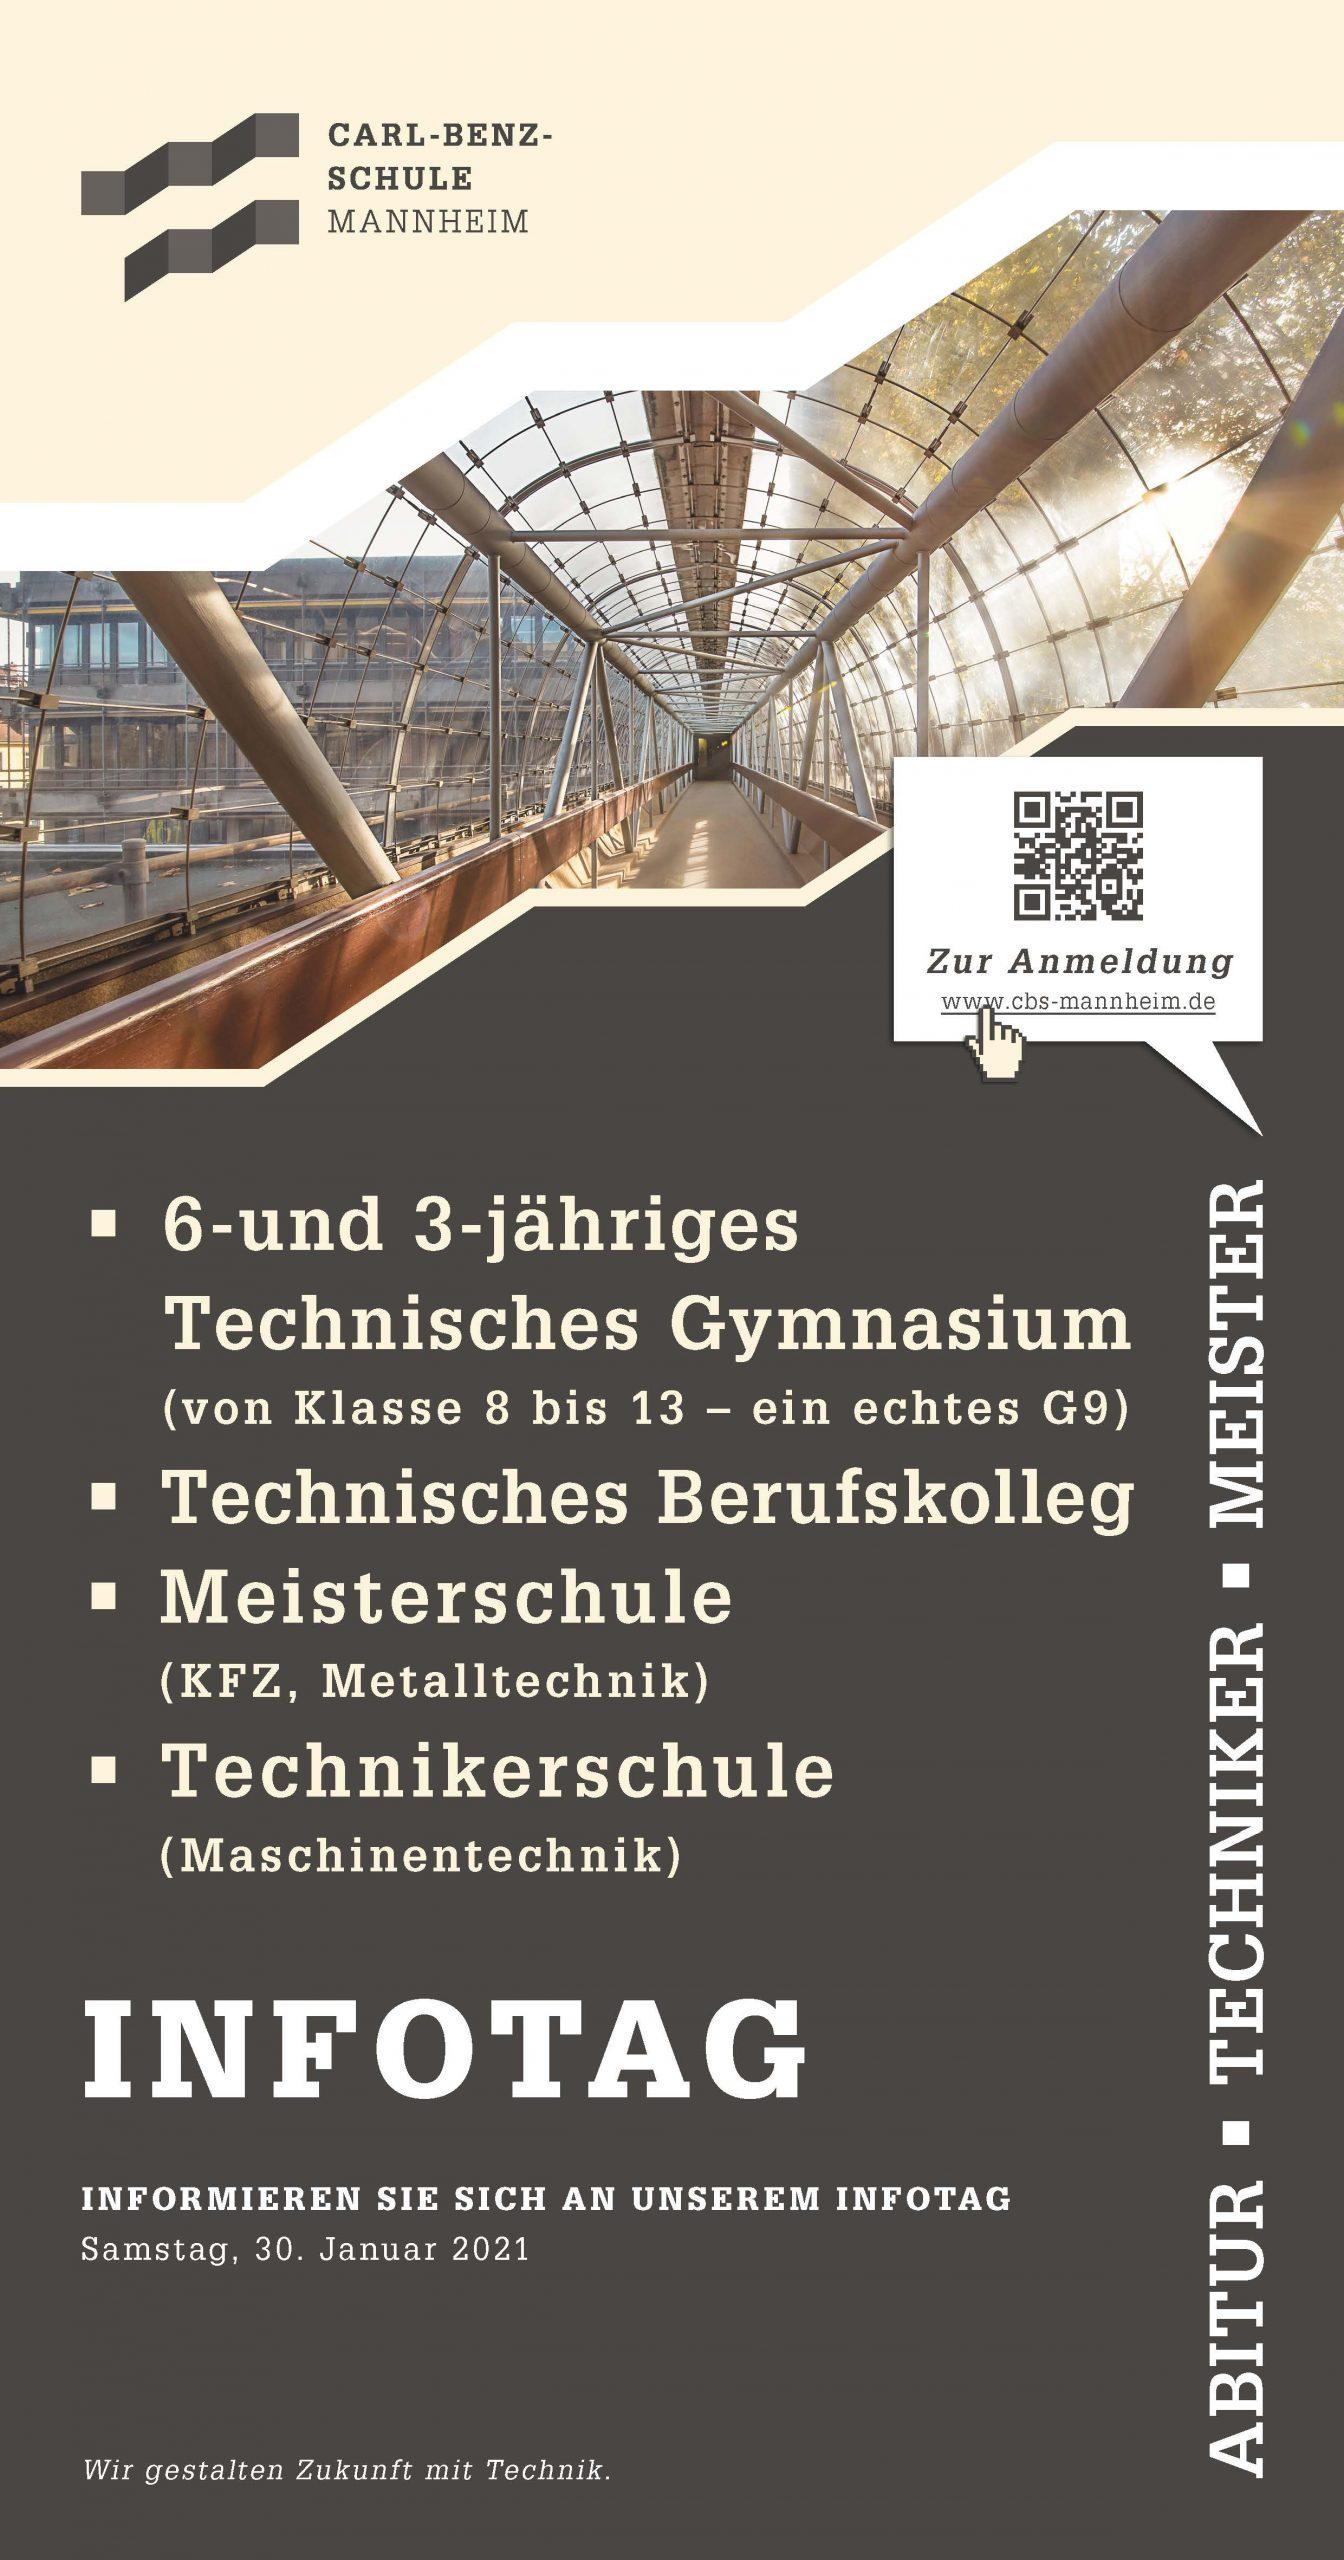 Flyer_Print_Infotag_Infoabende_2021_18_12_2020_HiRes